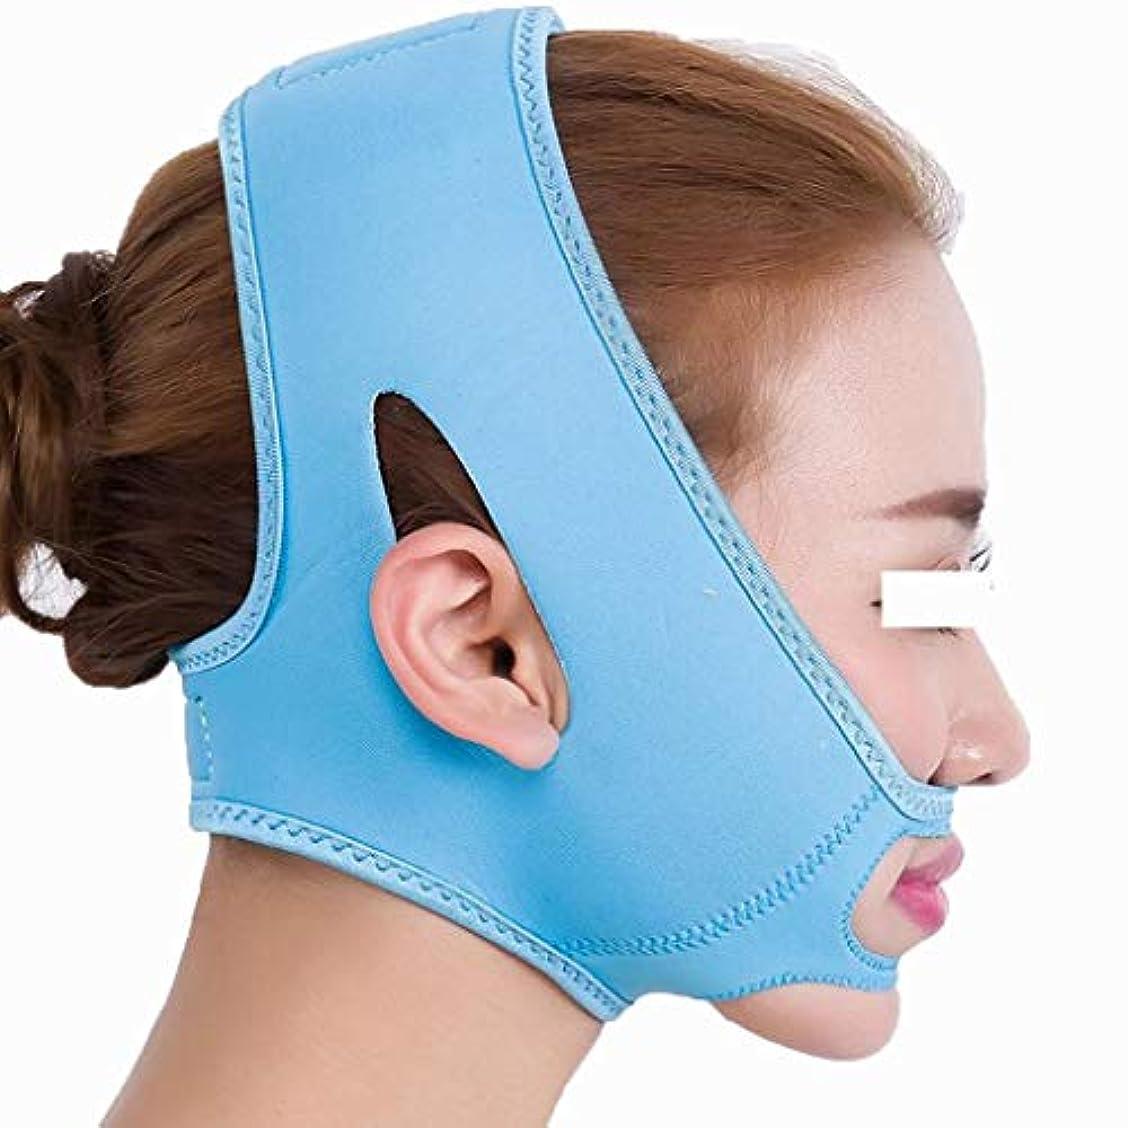 閉塞湿地カニ人気のスリープフェイスマスク - 包帯のマッサージ師のあごvフェイスクローズフェイスリフトフェイスマスク